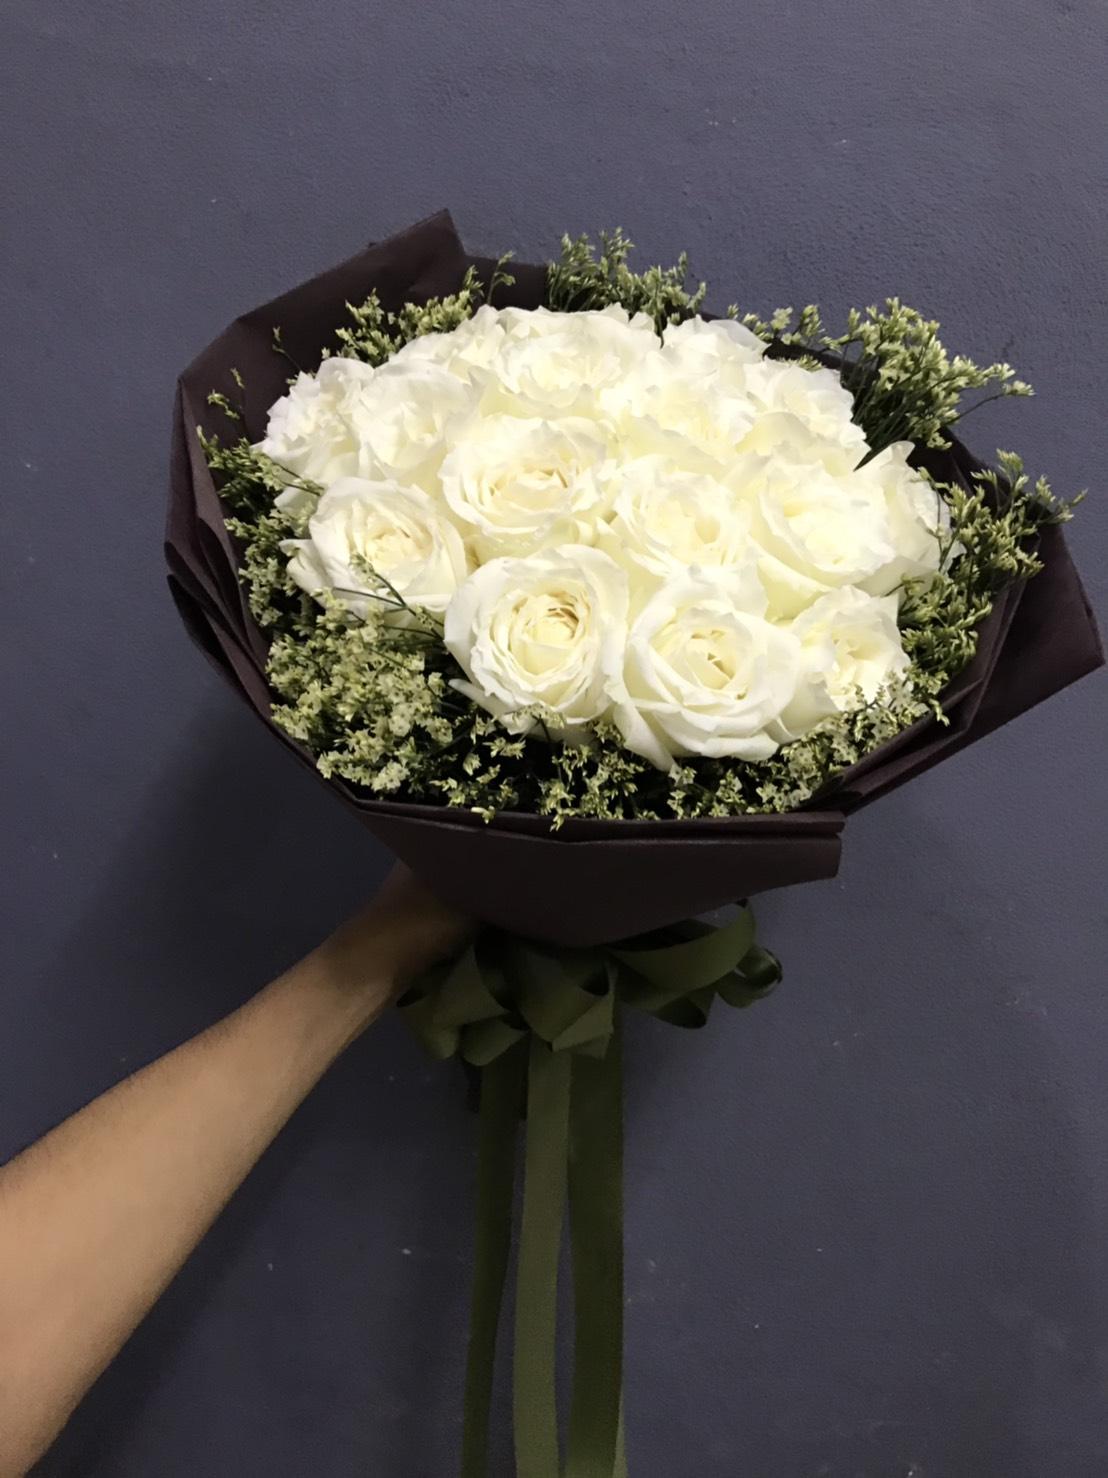 ดอกกุหลาบขาว จัดเป็นช่อดอกไม้ดีไซน์สวย พร้อมส่งให้คนพิเศษของคุณค่ะ